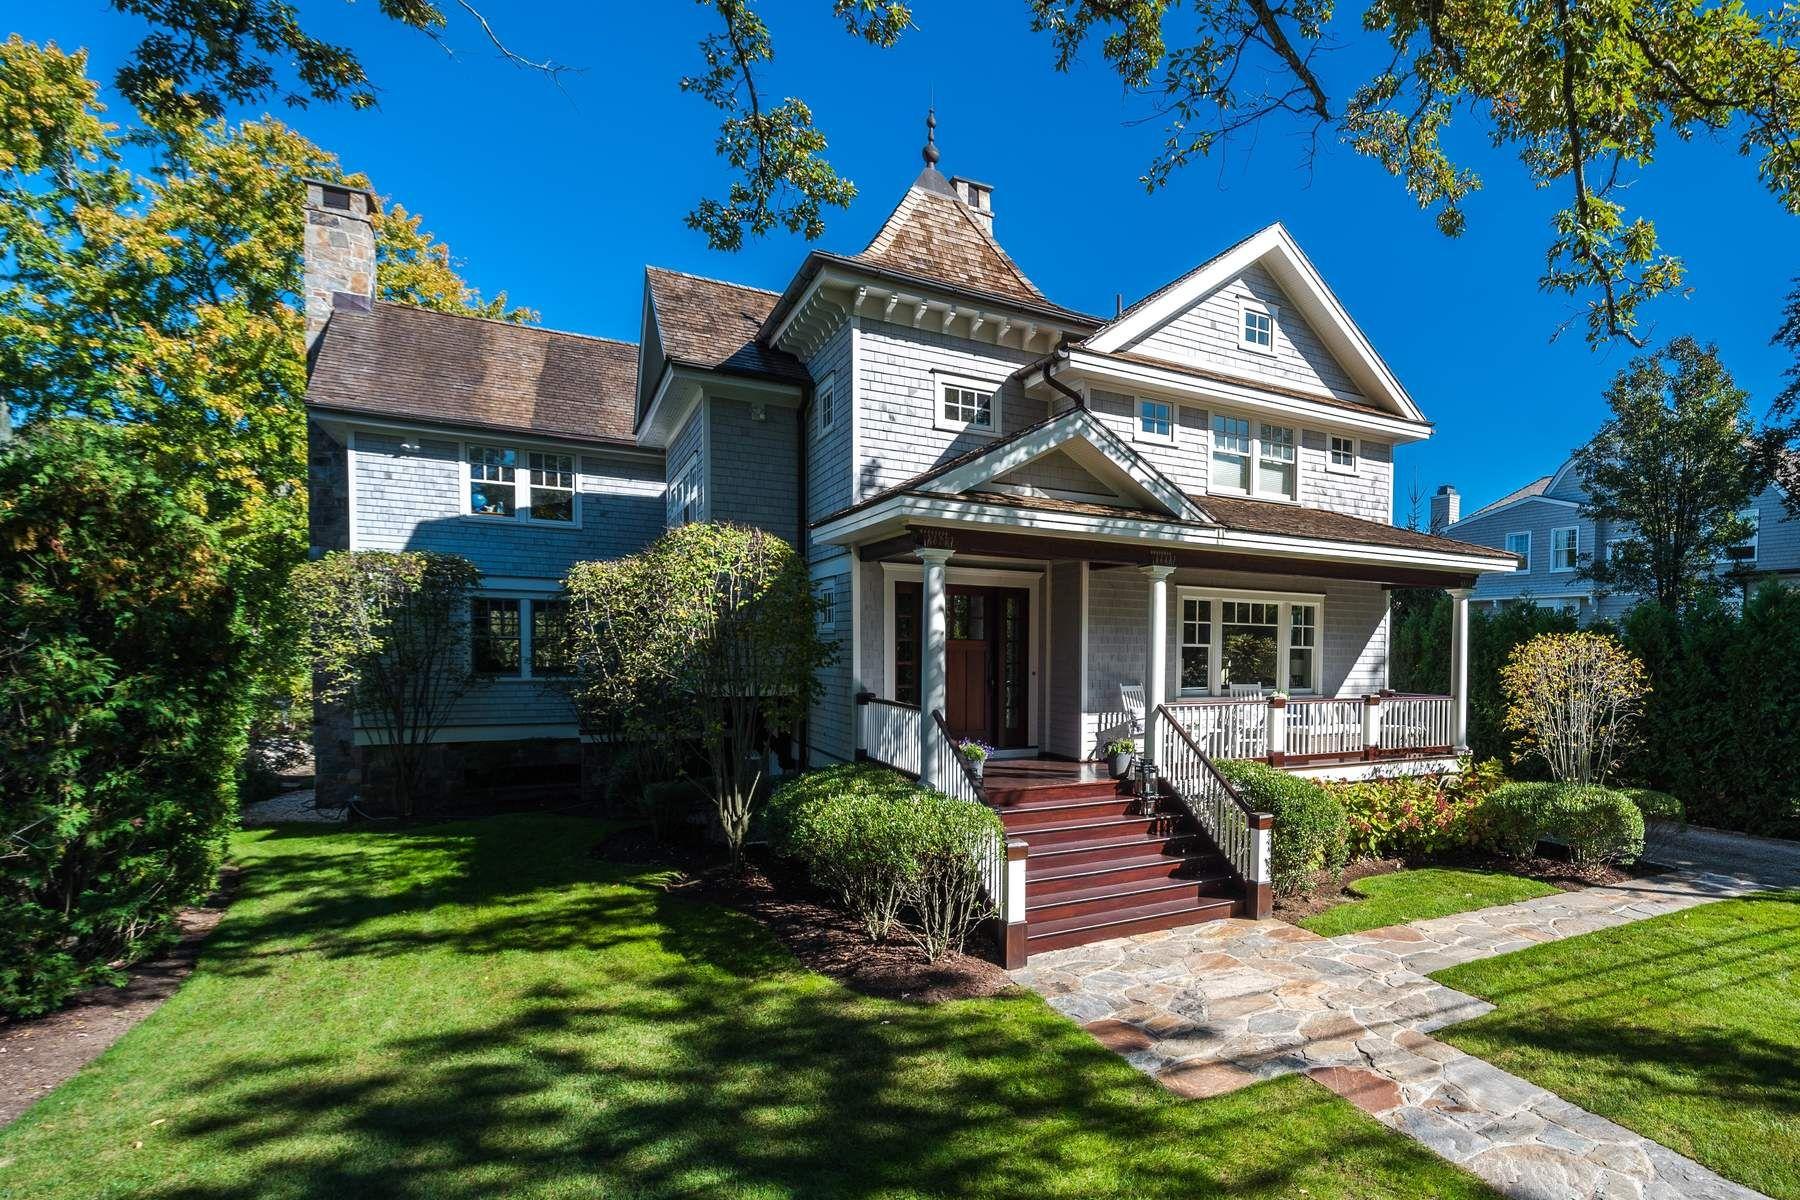 Casa Unifamiliar por un Venta en 12 Ledge Road 12 Ledge Road Old Greenwich, Connecticut 06870 Estados Unidos